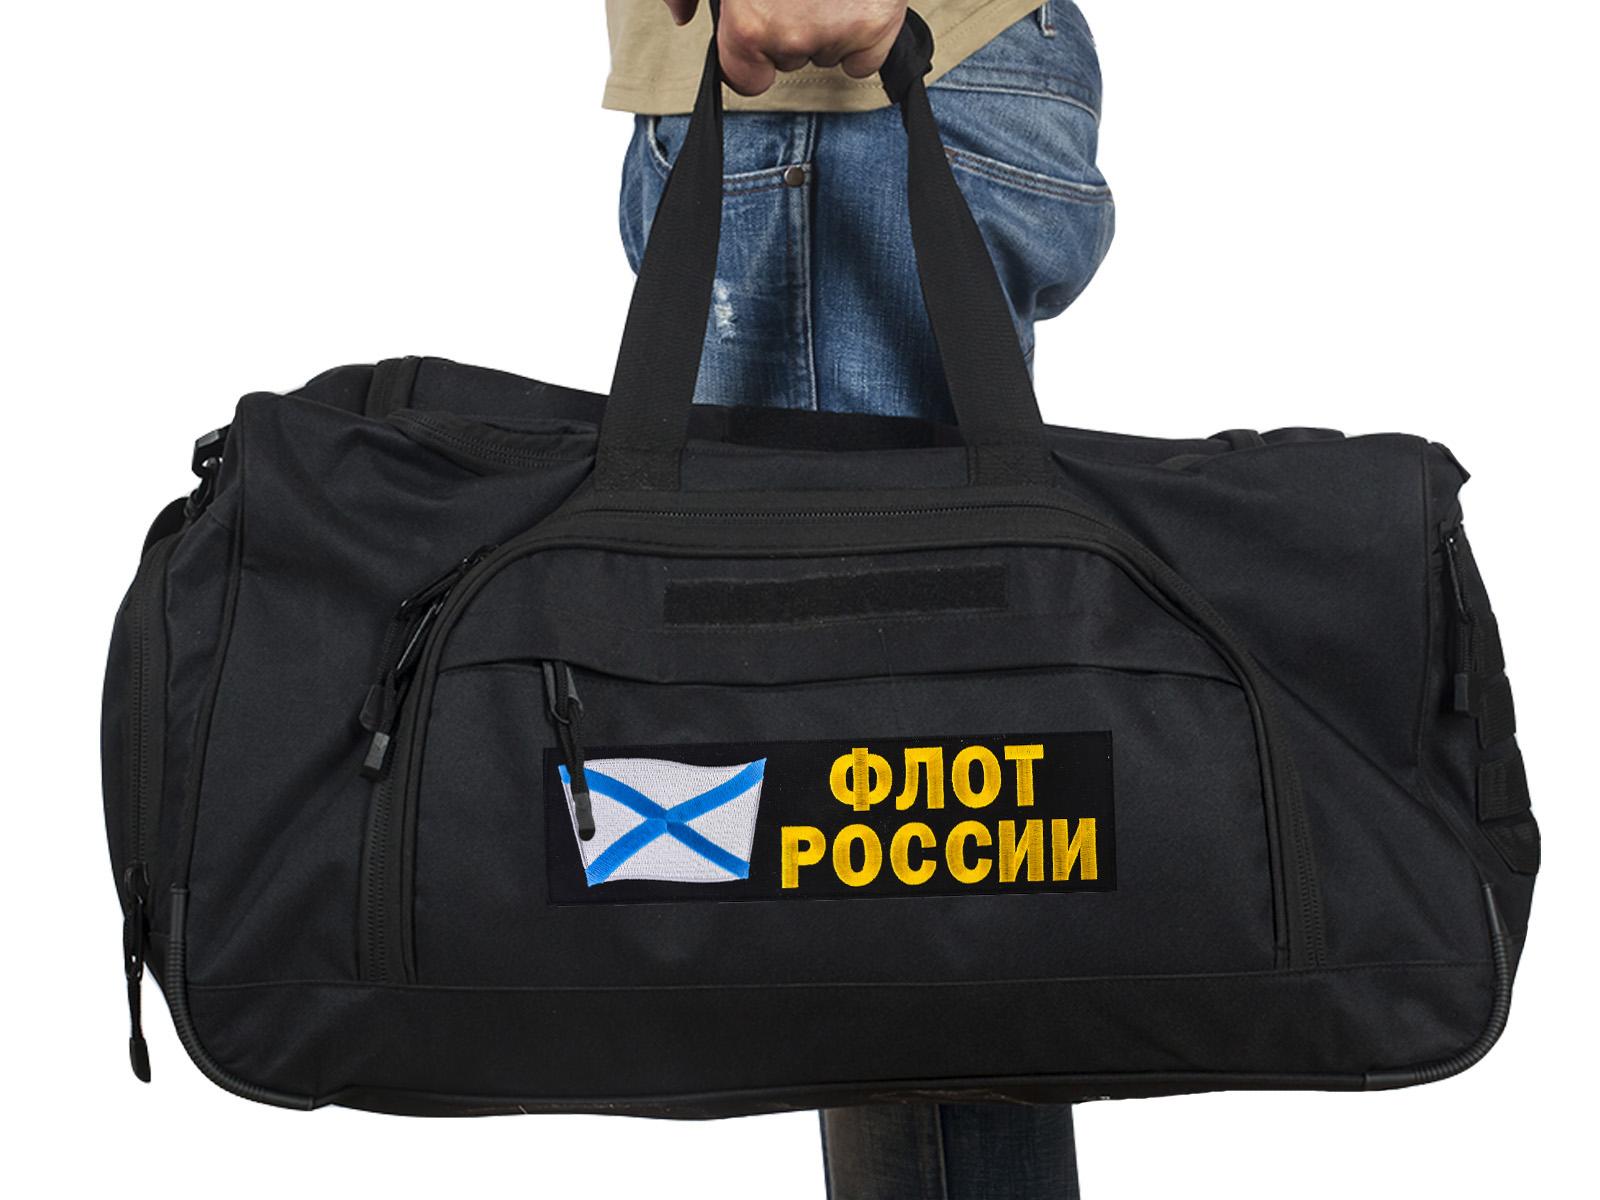 Купить большую армейскую сумку 08032B Black с нашивкой Флот России с доставкой онлайн